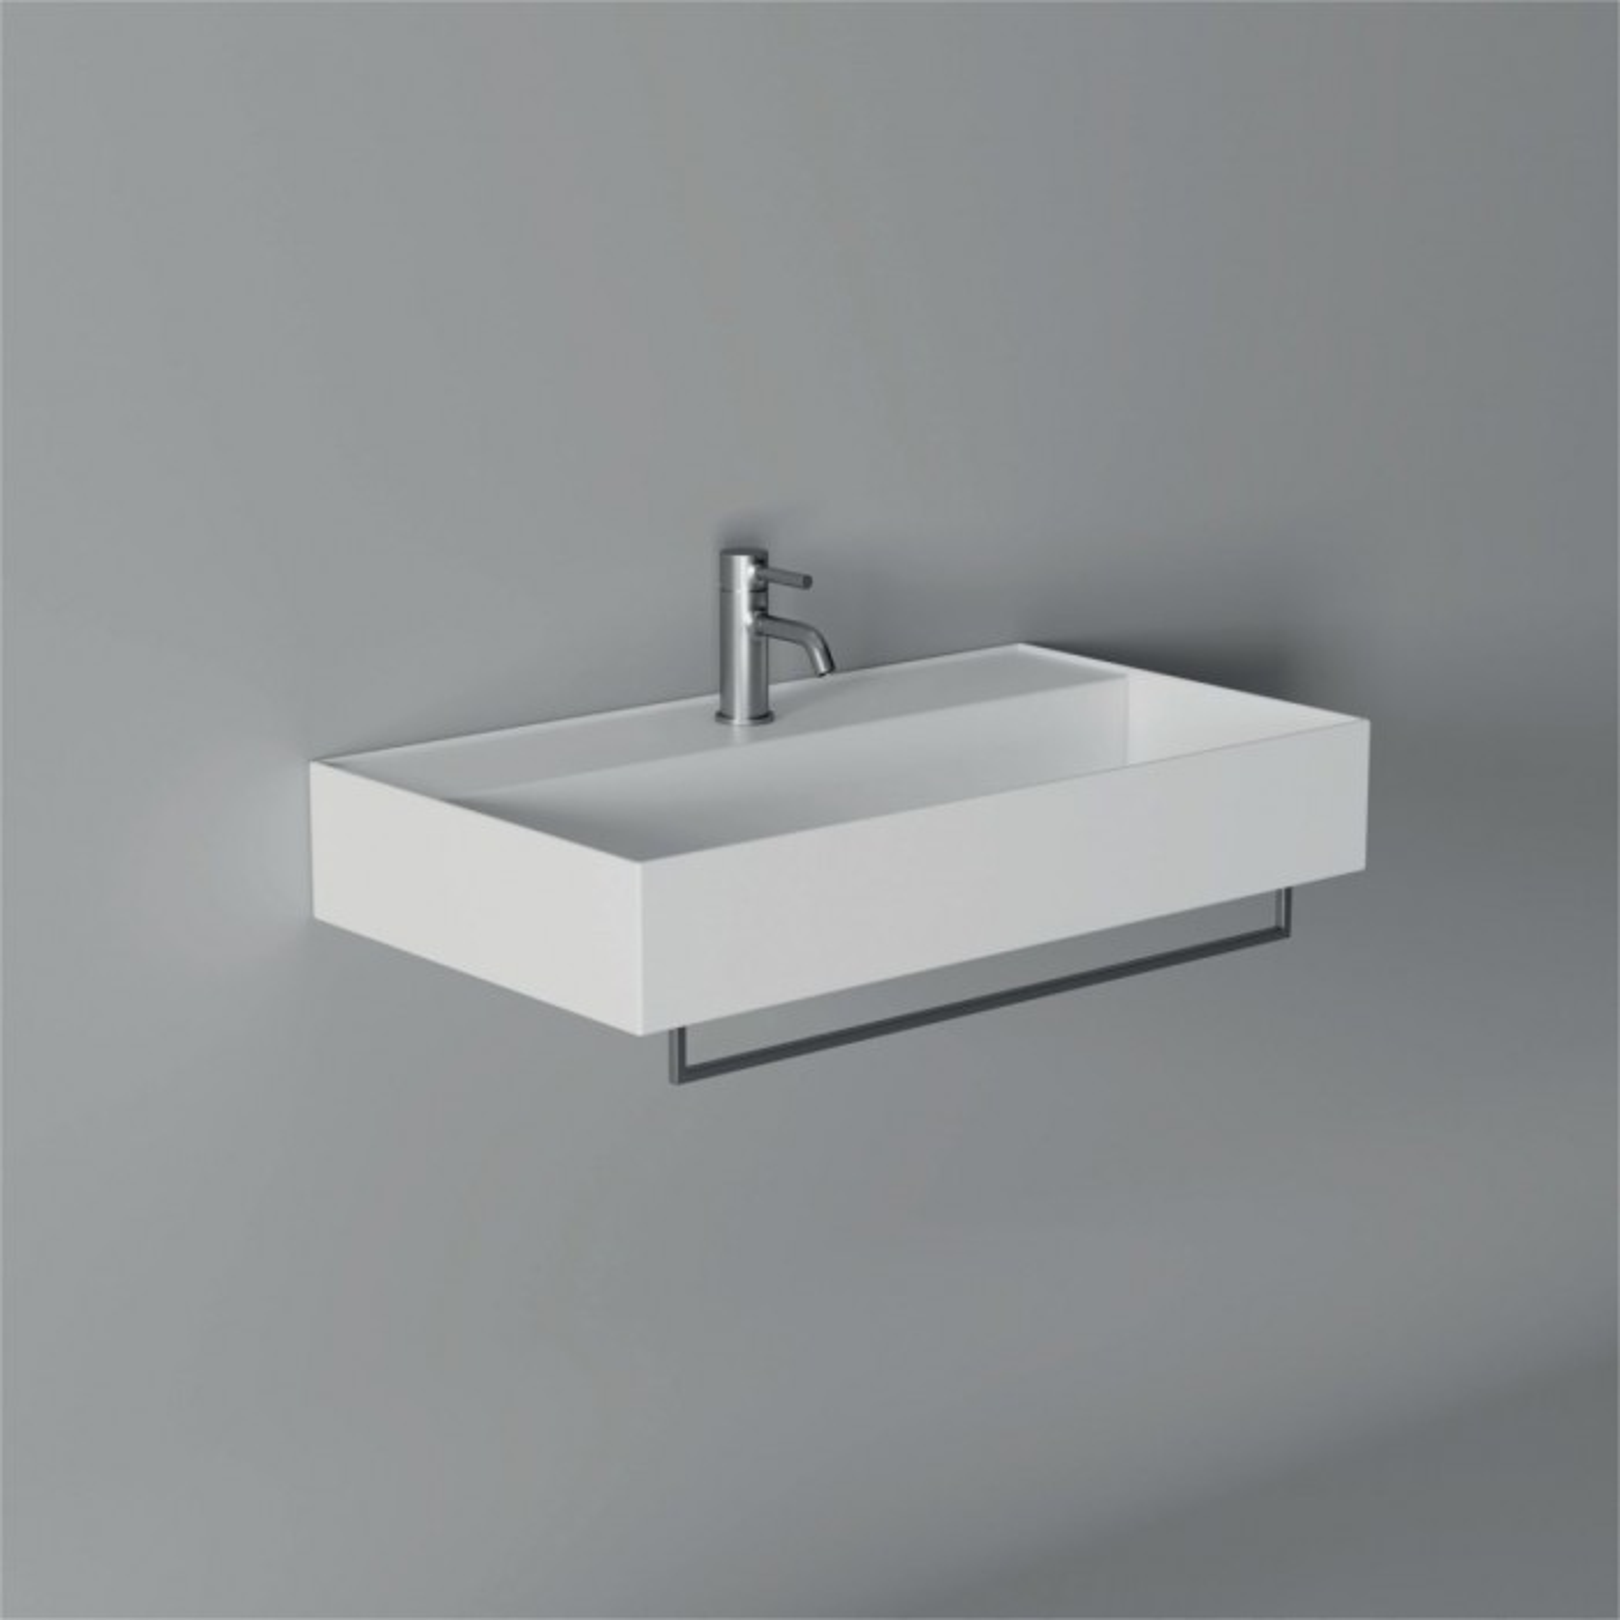 Lavabo, vasque Hide 80x45cm (16 couleurs) rectangle ref. 31240101